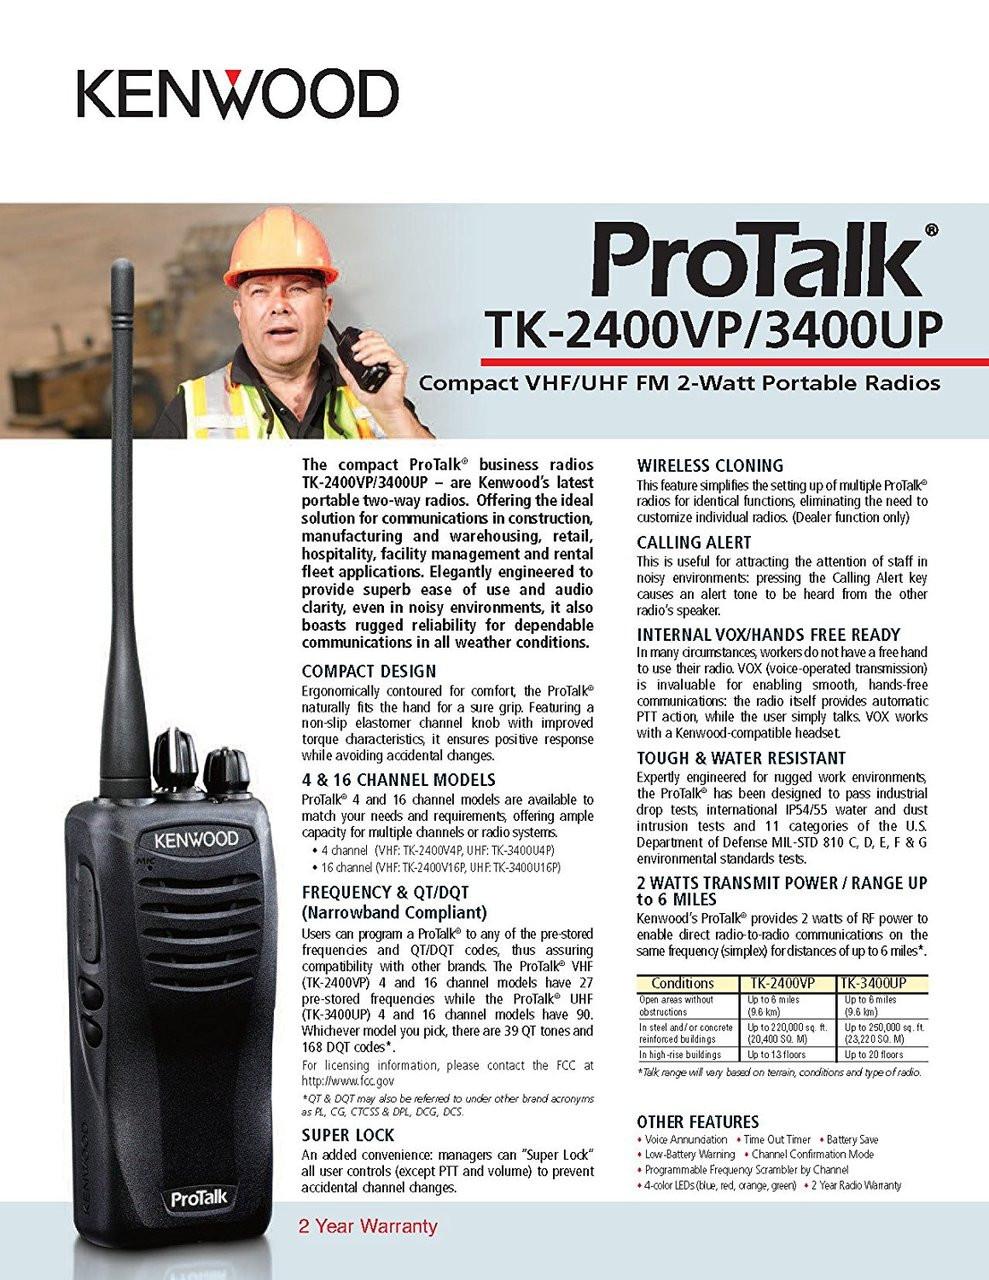 Kenwood ProTalk TK2400V4P Spec Sheet Page 1 of 2